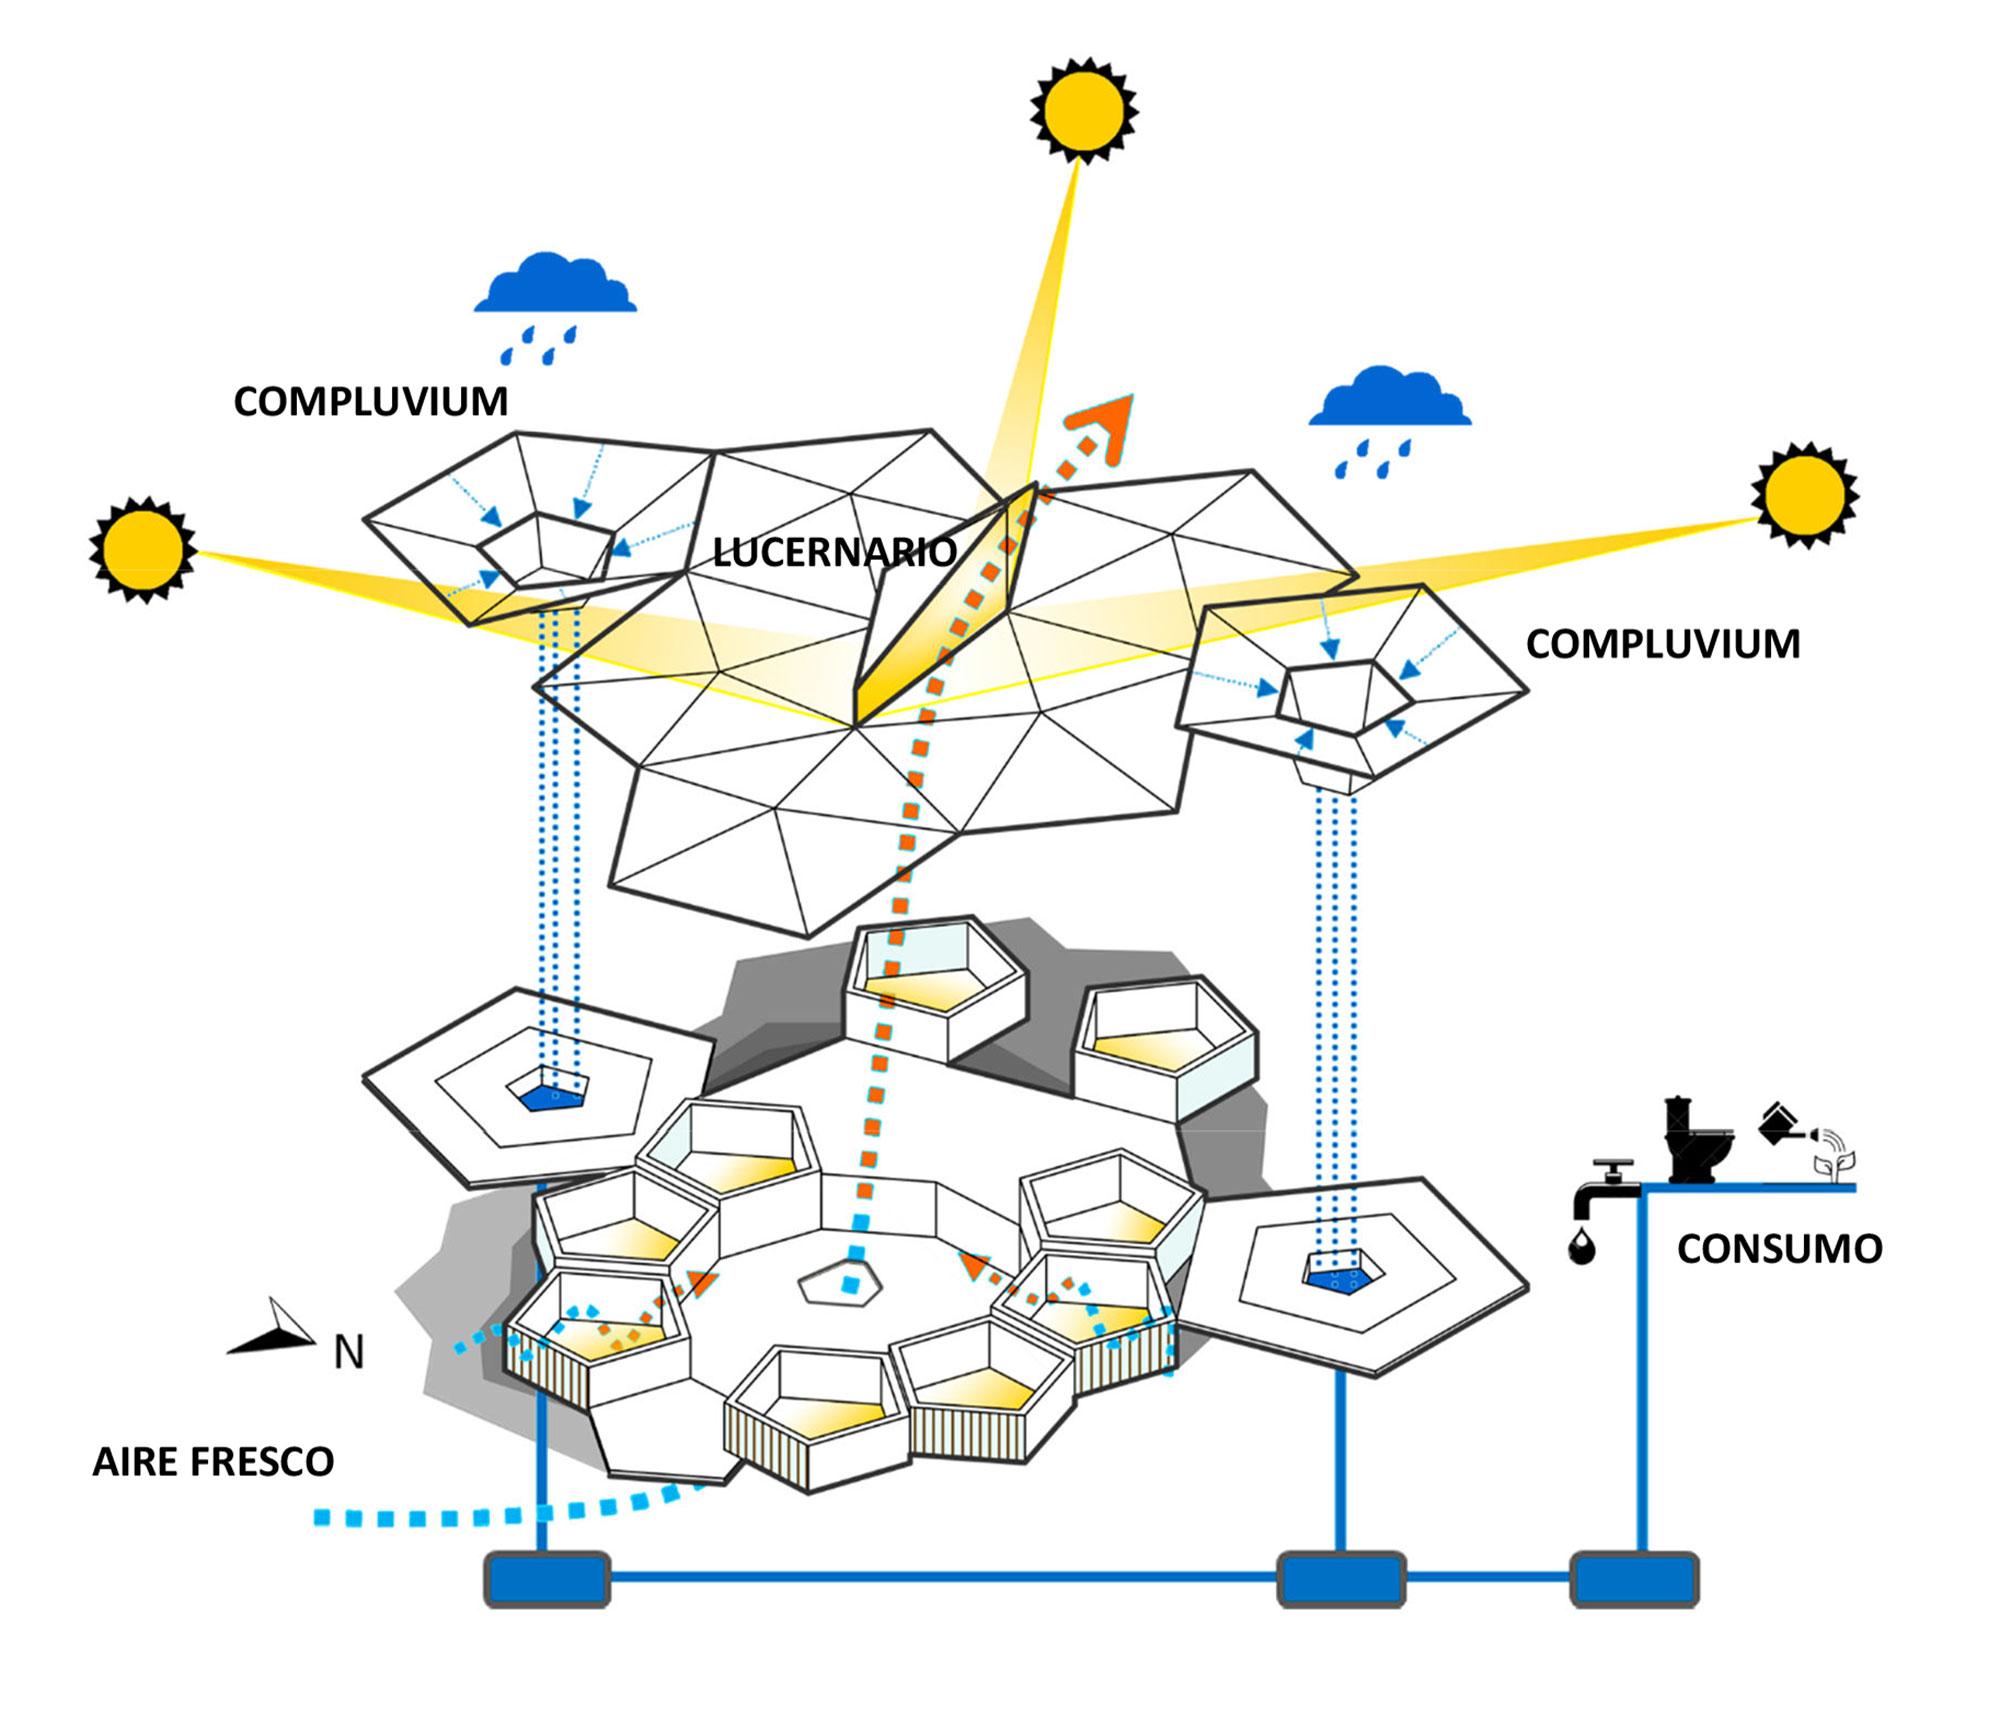 Fig.11: Diagrama estrategias de eficiencia energética.